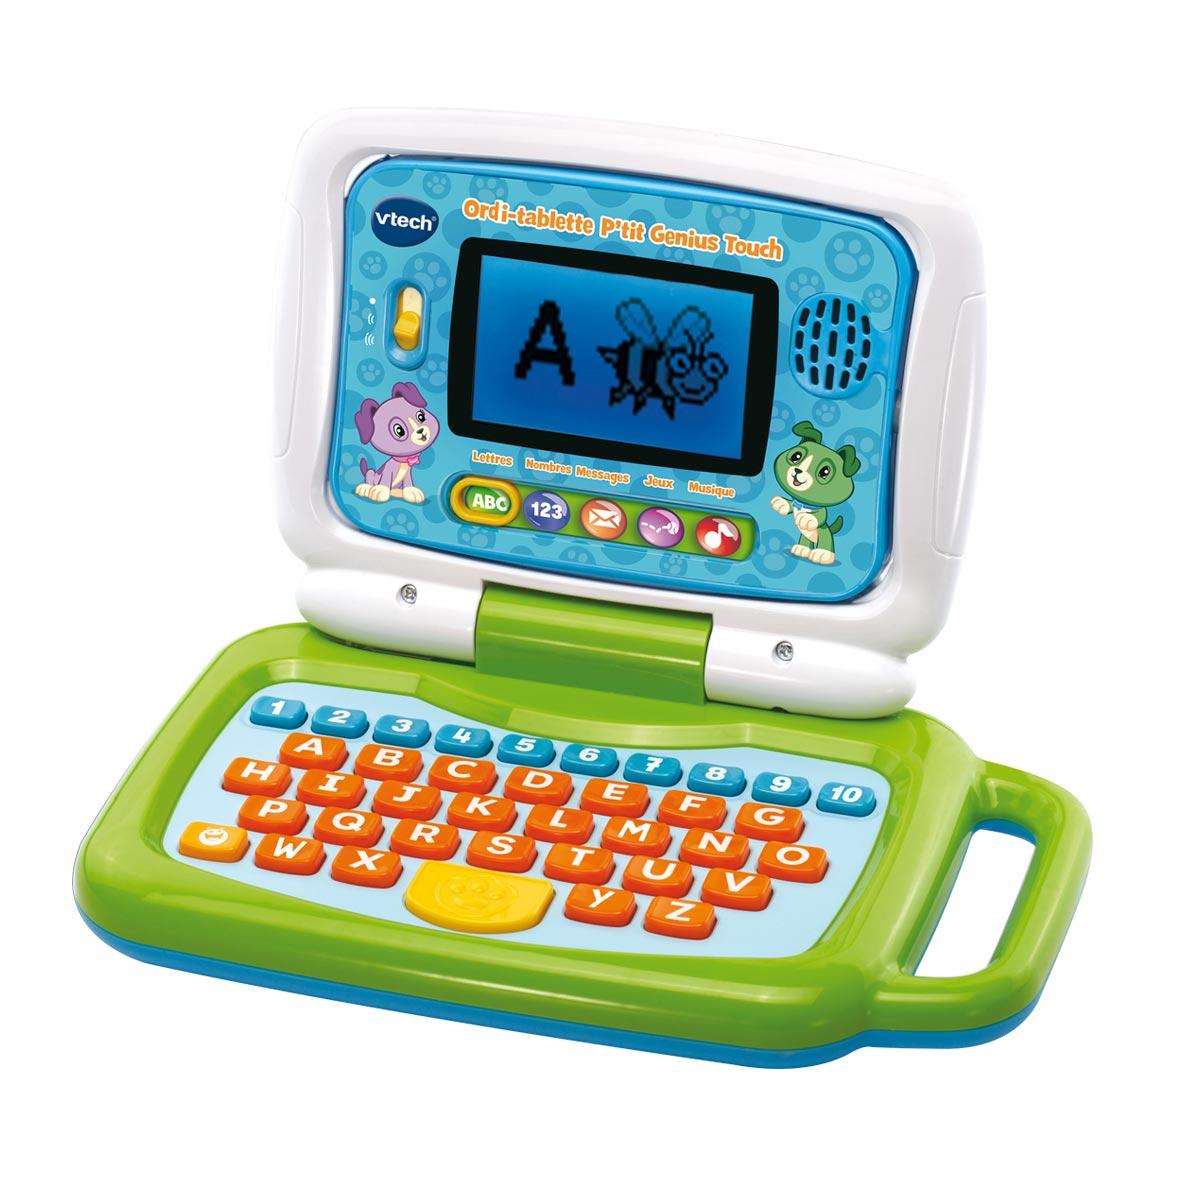 Ordi Tablette P'tit Génius Touch tout Ordinateur Educatif 3 Ans